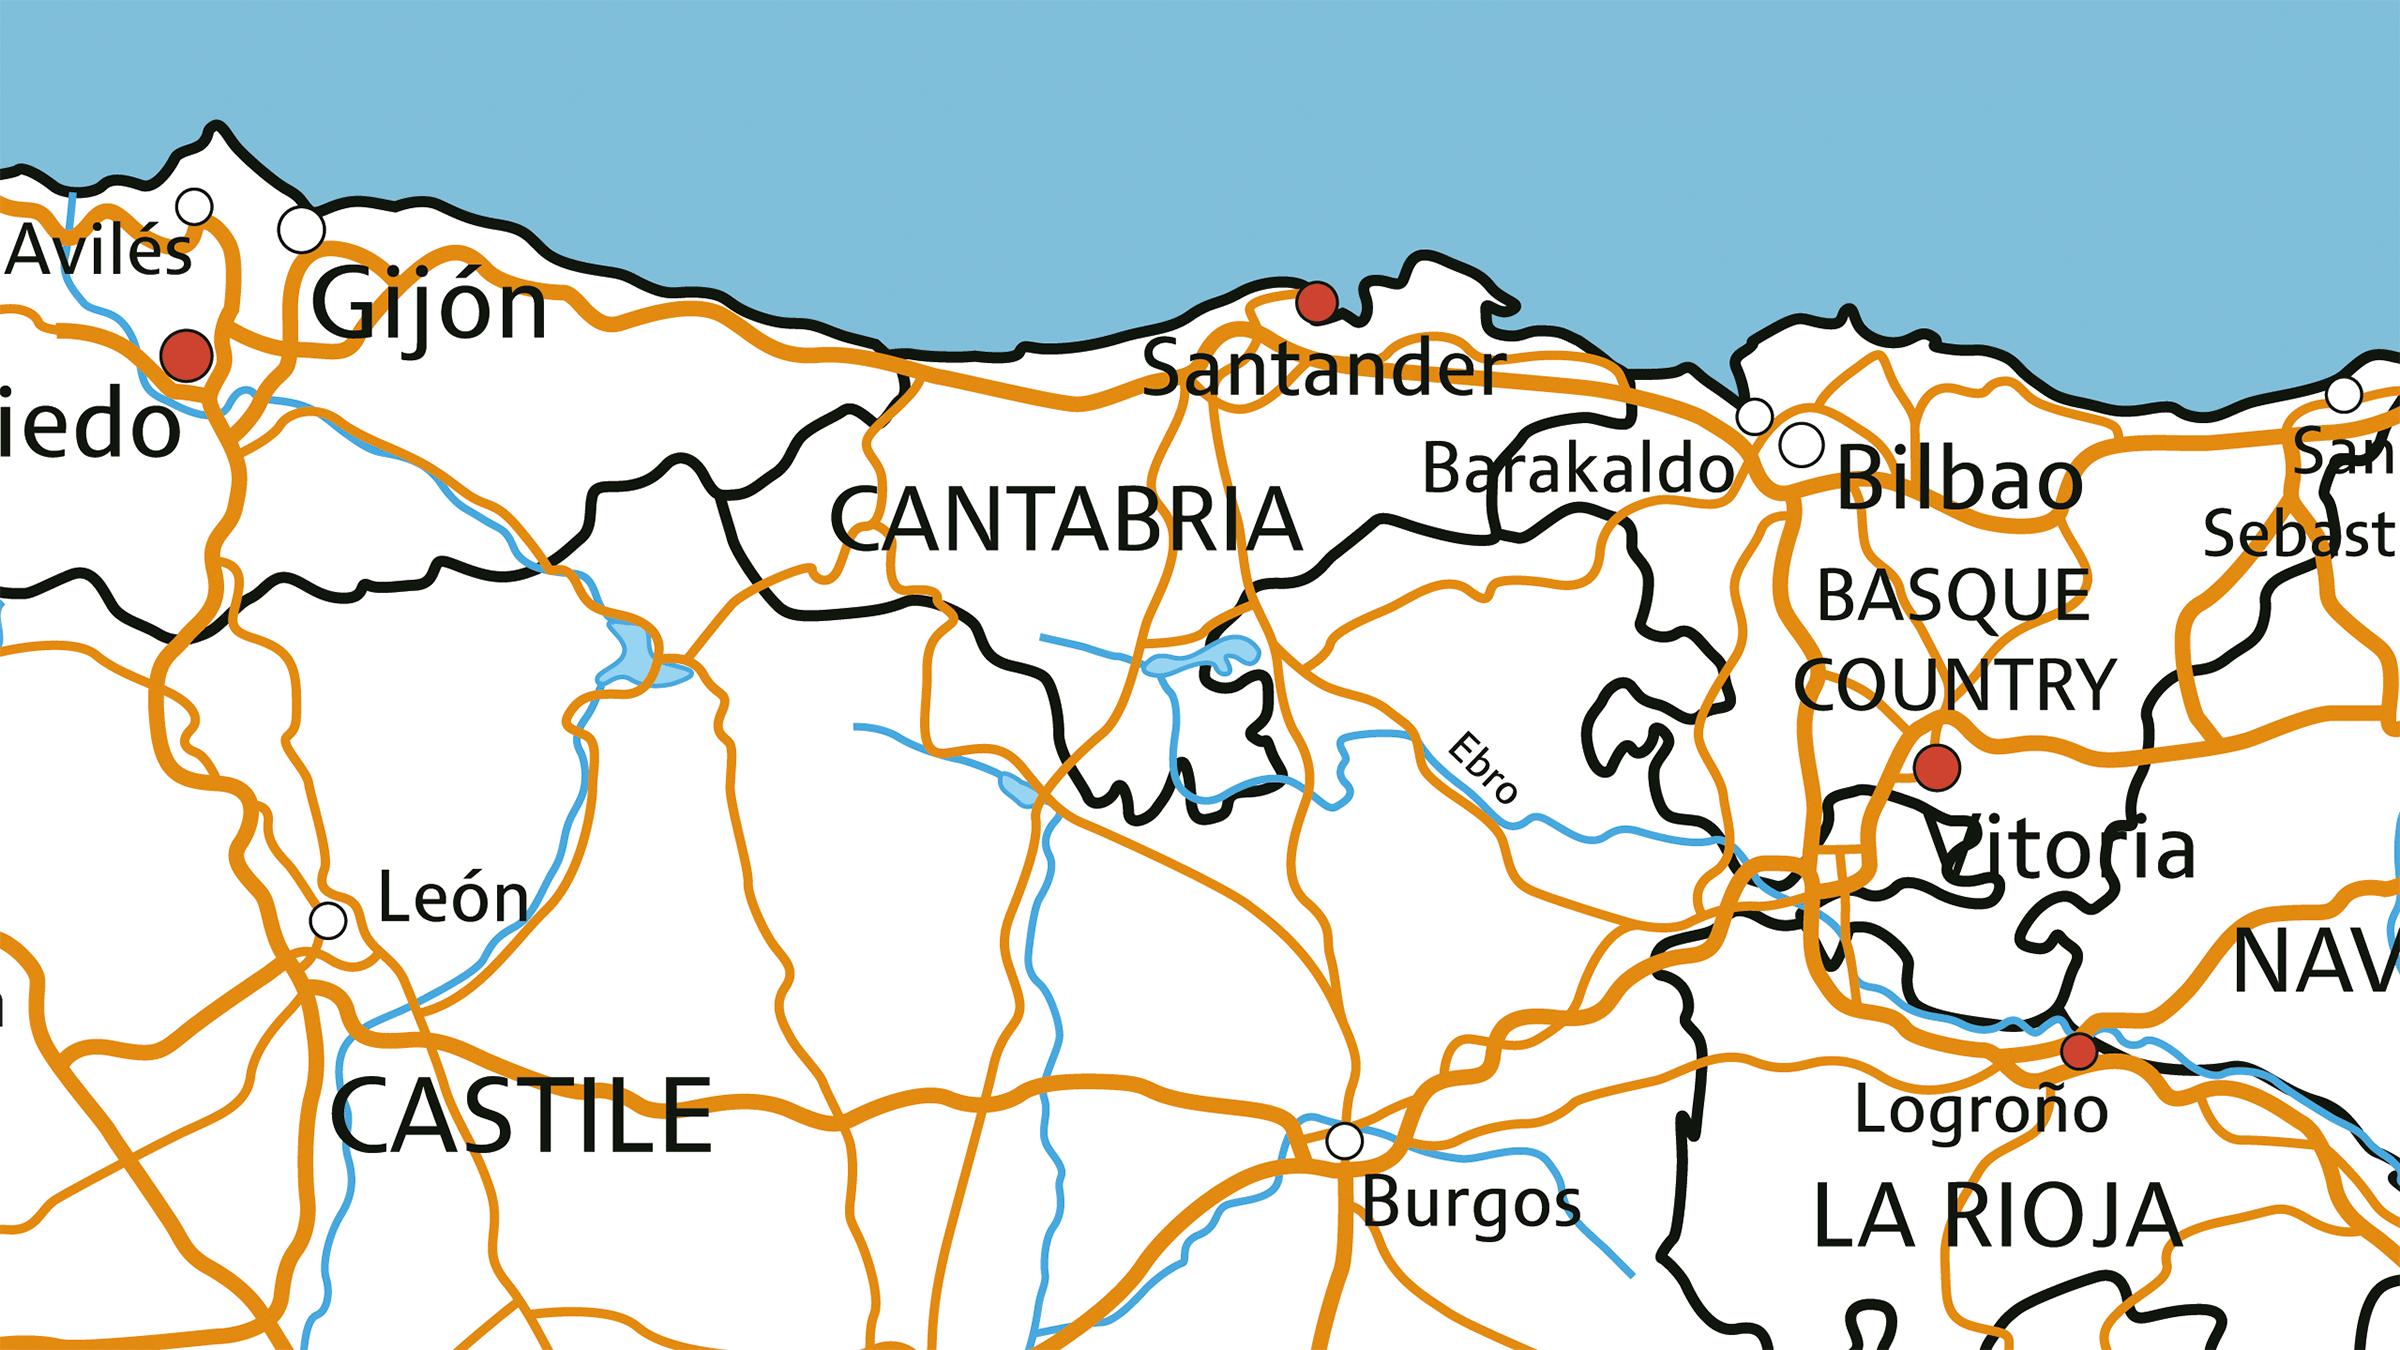 Mapa Asturias Y Cantabria.Mapa De Cantabria Y Asturias Resultados De Yahoo Espana En La Busqueda De Imagenes Mapa De Cantabria Mapas Burgos